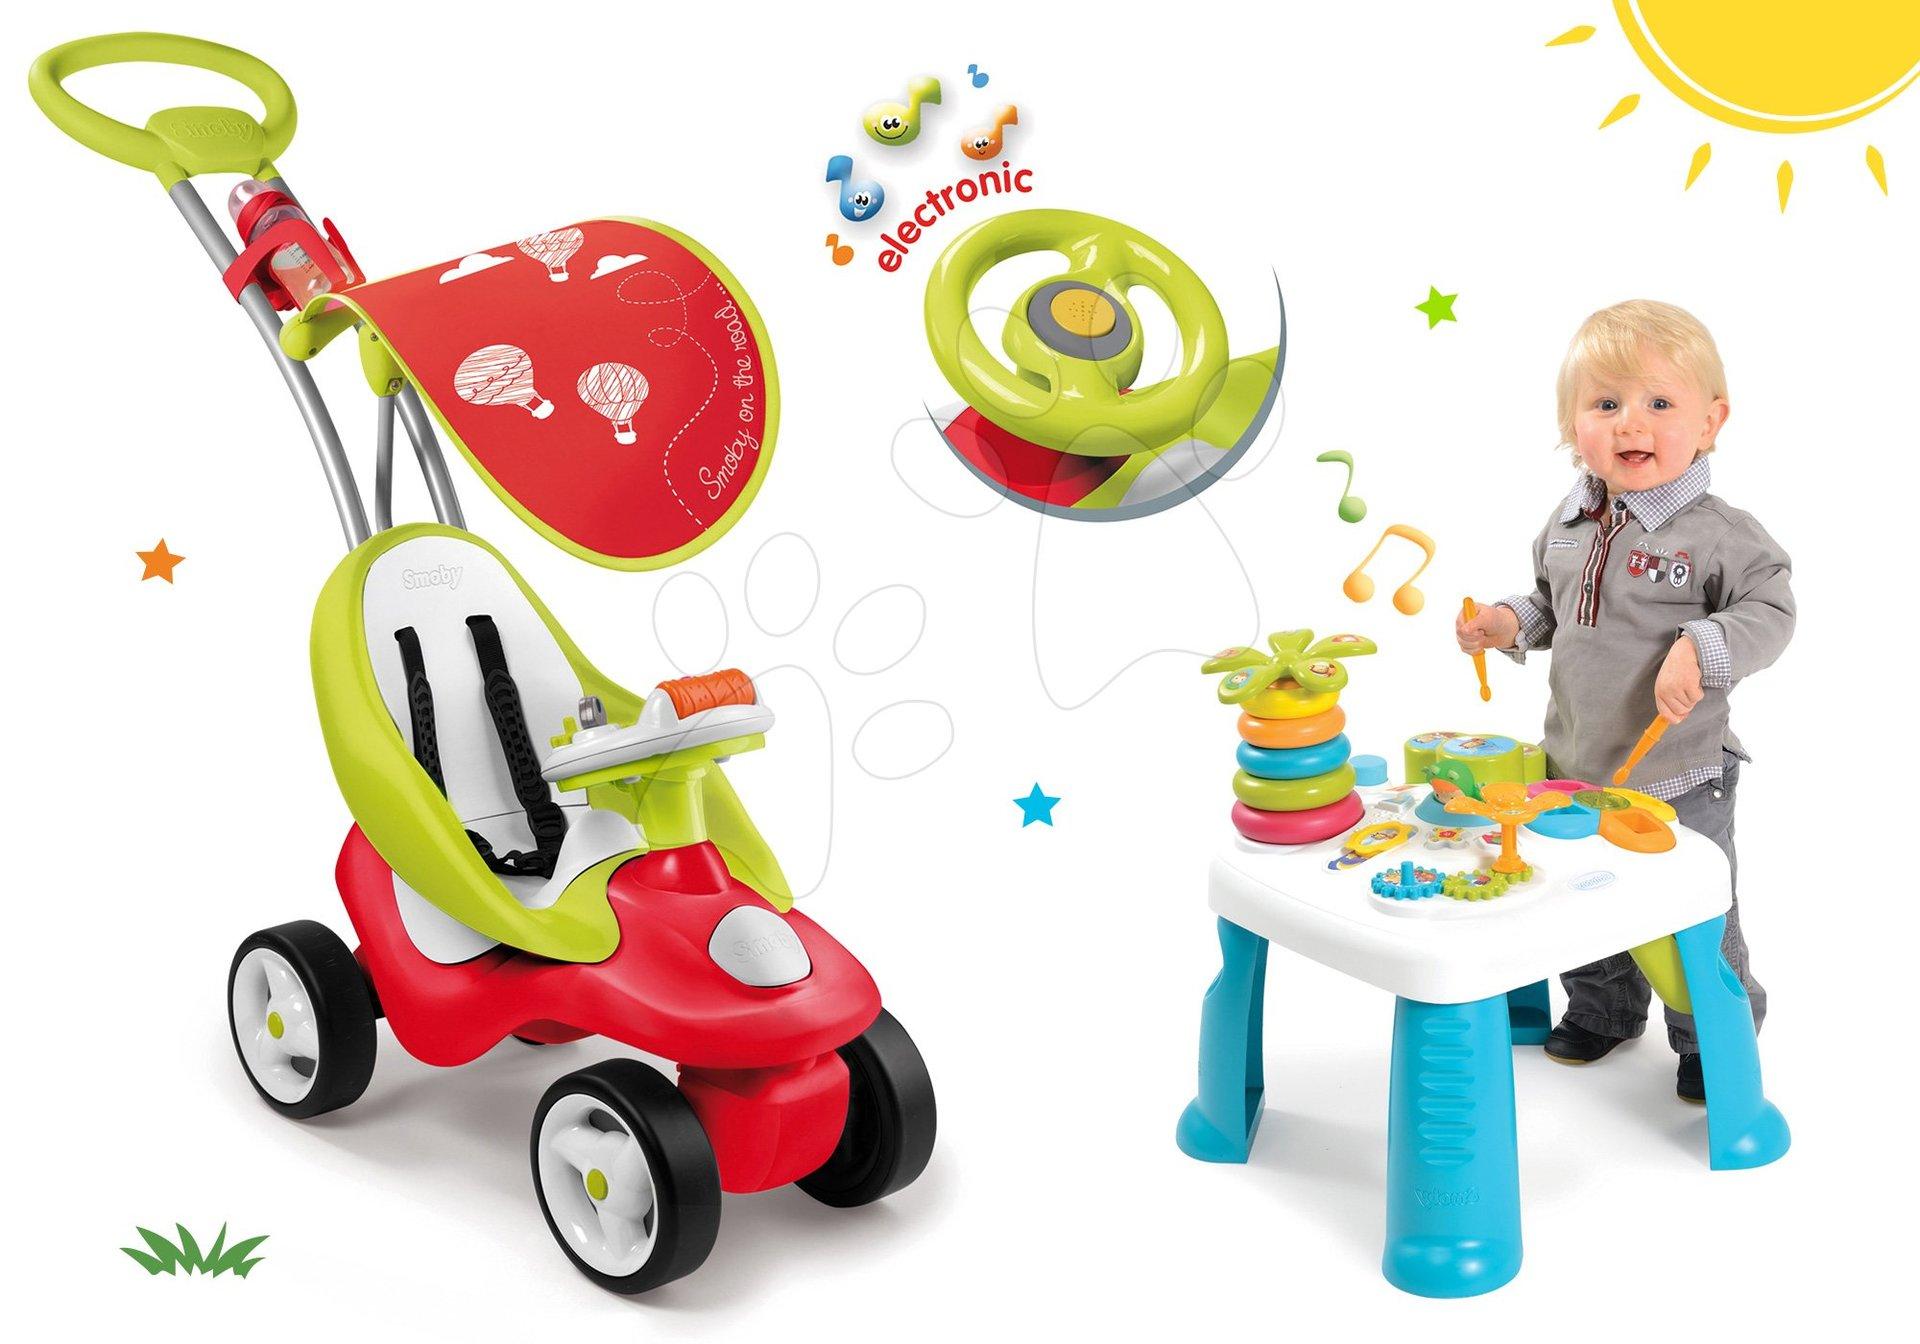 Odrážadlá sety - Set odrážadlo Bubble Go Smoby so zvukom a didaktický stolík Cotoons od 6 mes